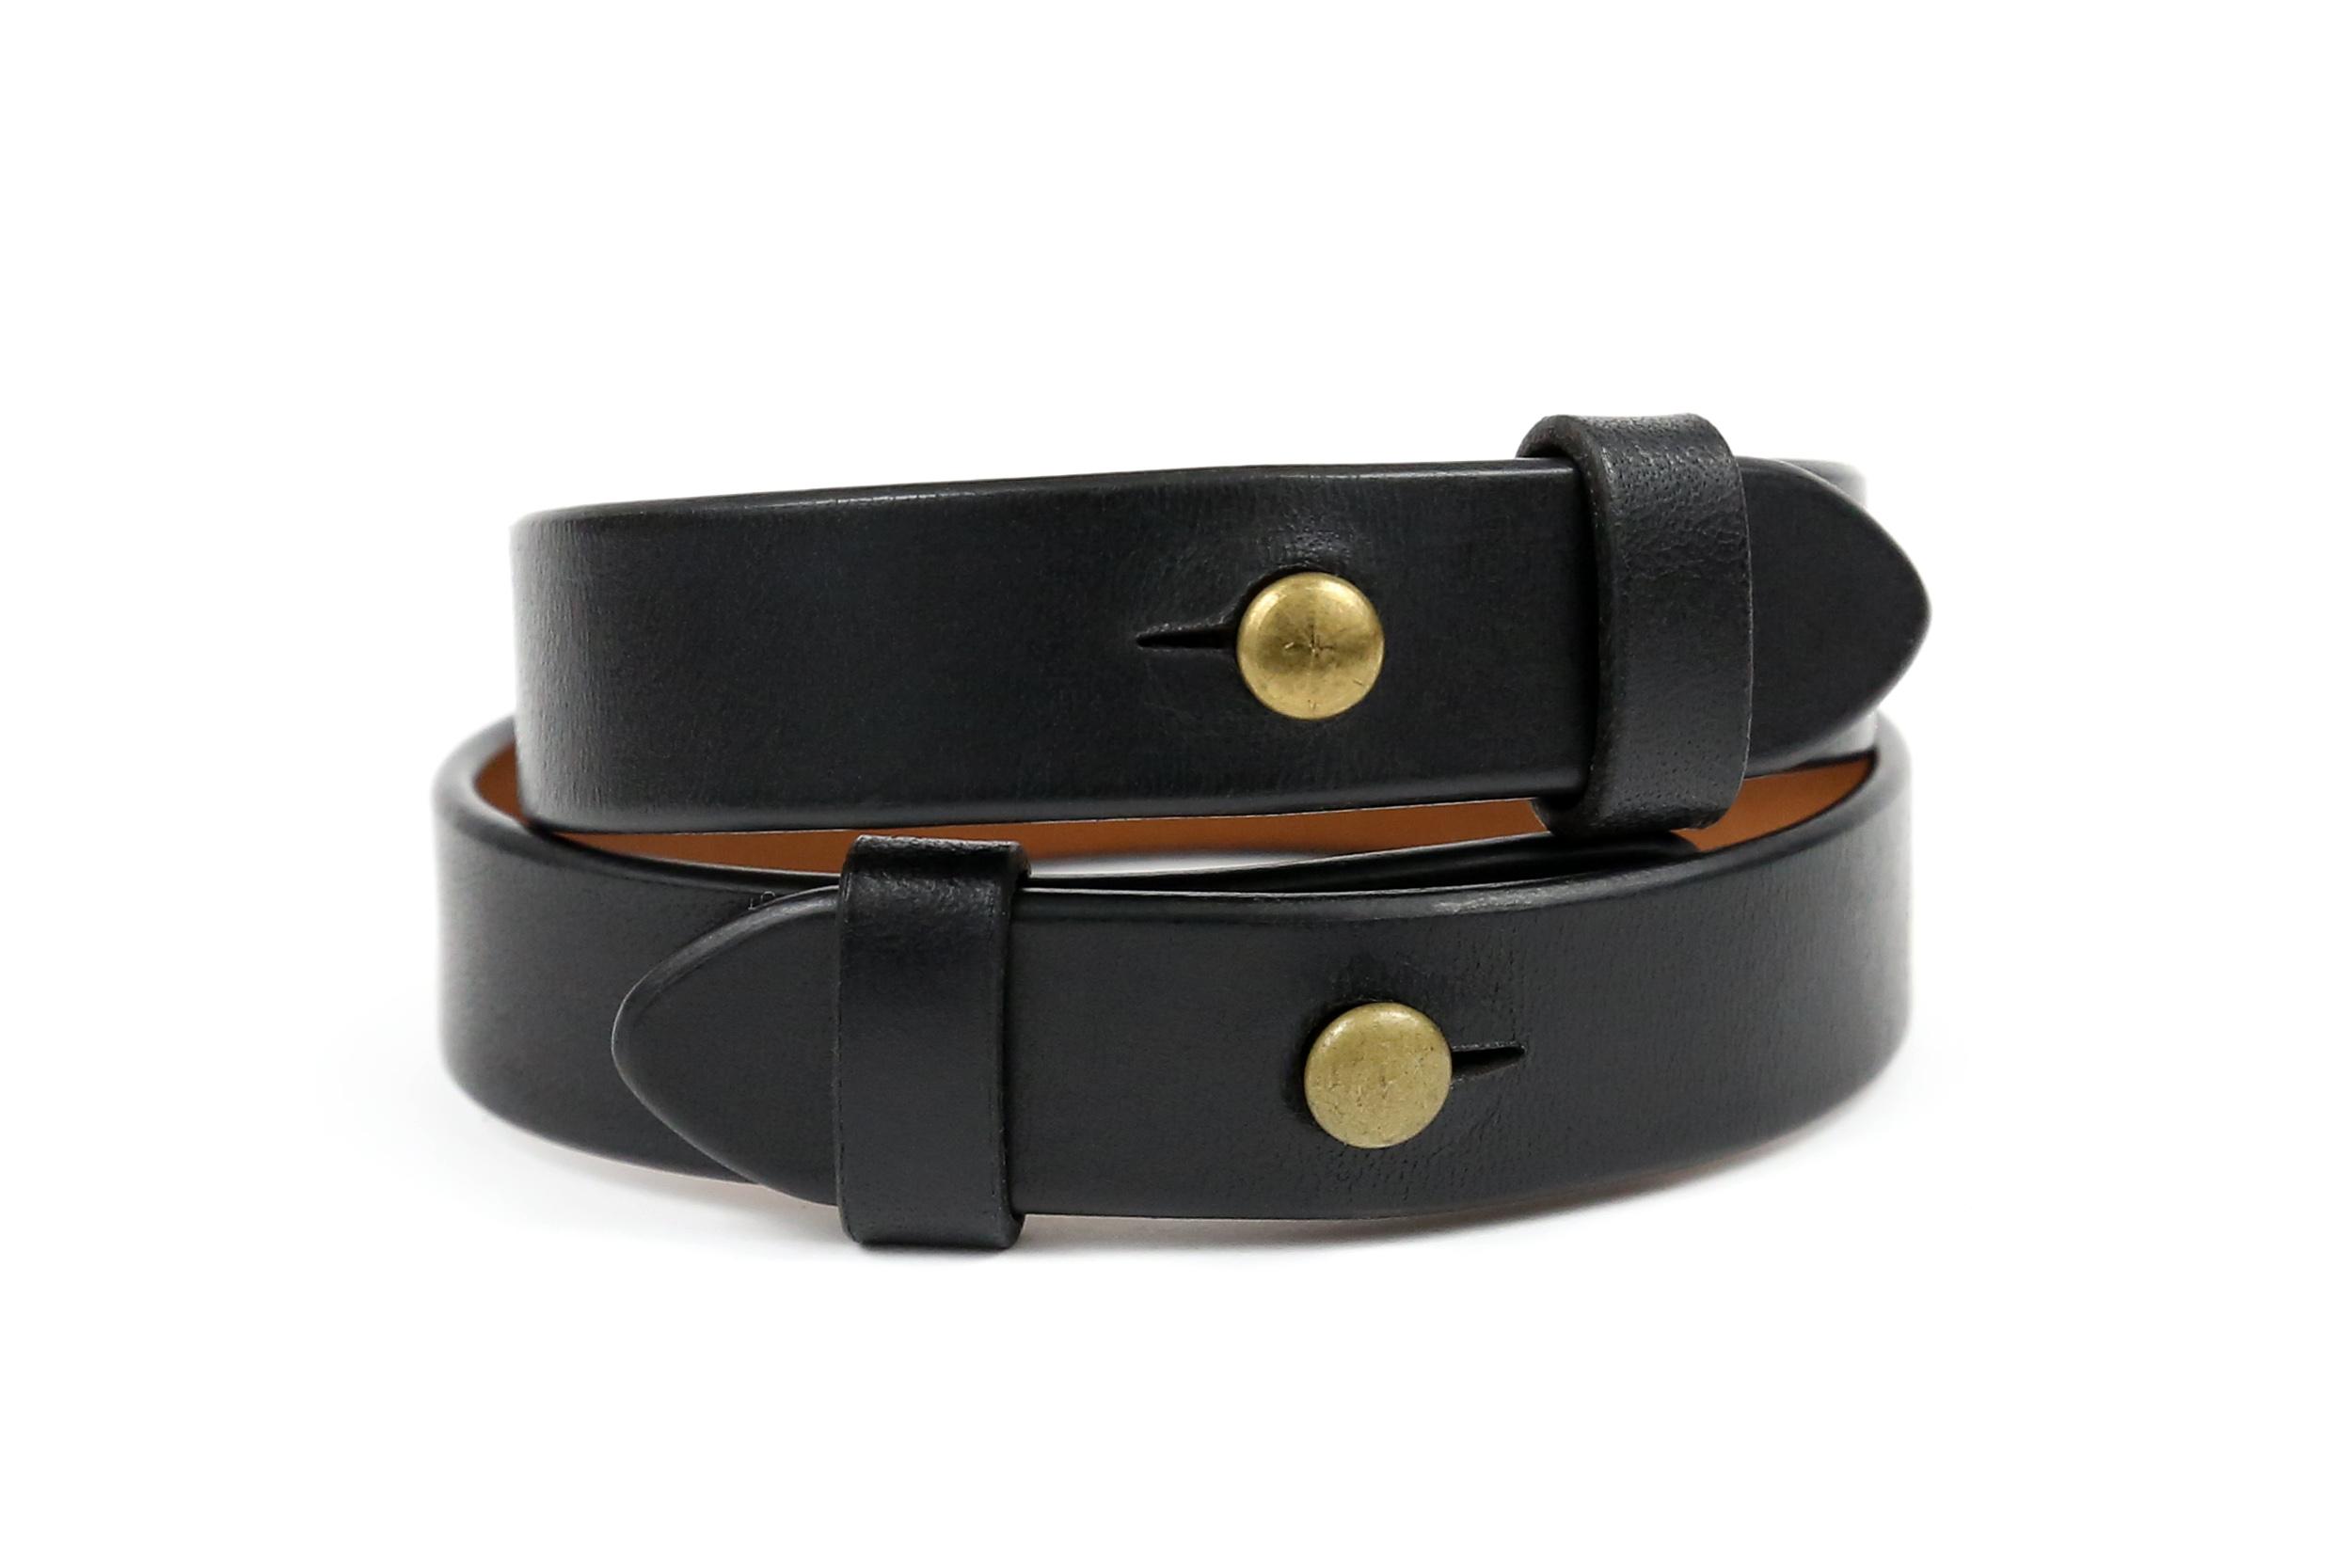 Juodos spalvos odinės apyrankės porai 1,5 cm